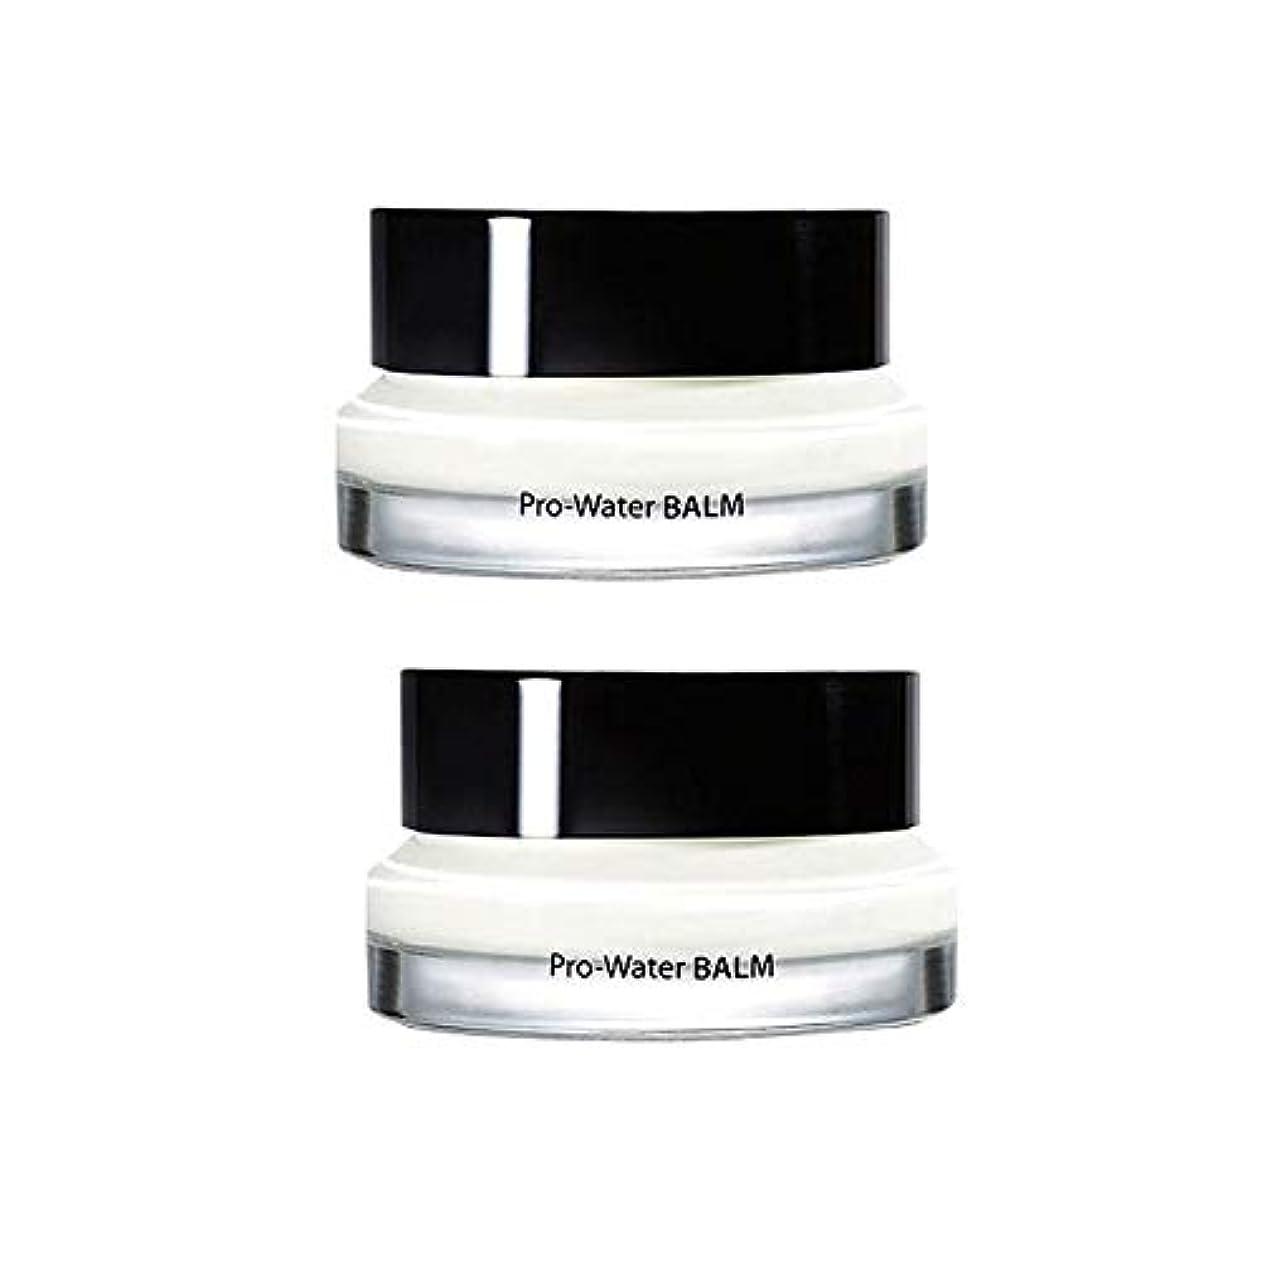 楽観的学ぶ戸口ルナプロウォーターbalm 50mlx2本セット韓国コスメ、Luna Pro-Water Balm 50ml x 2ea Set Korean Cosmetics [並行輸入品]